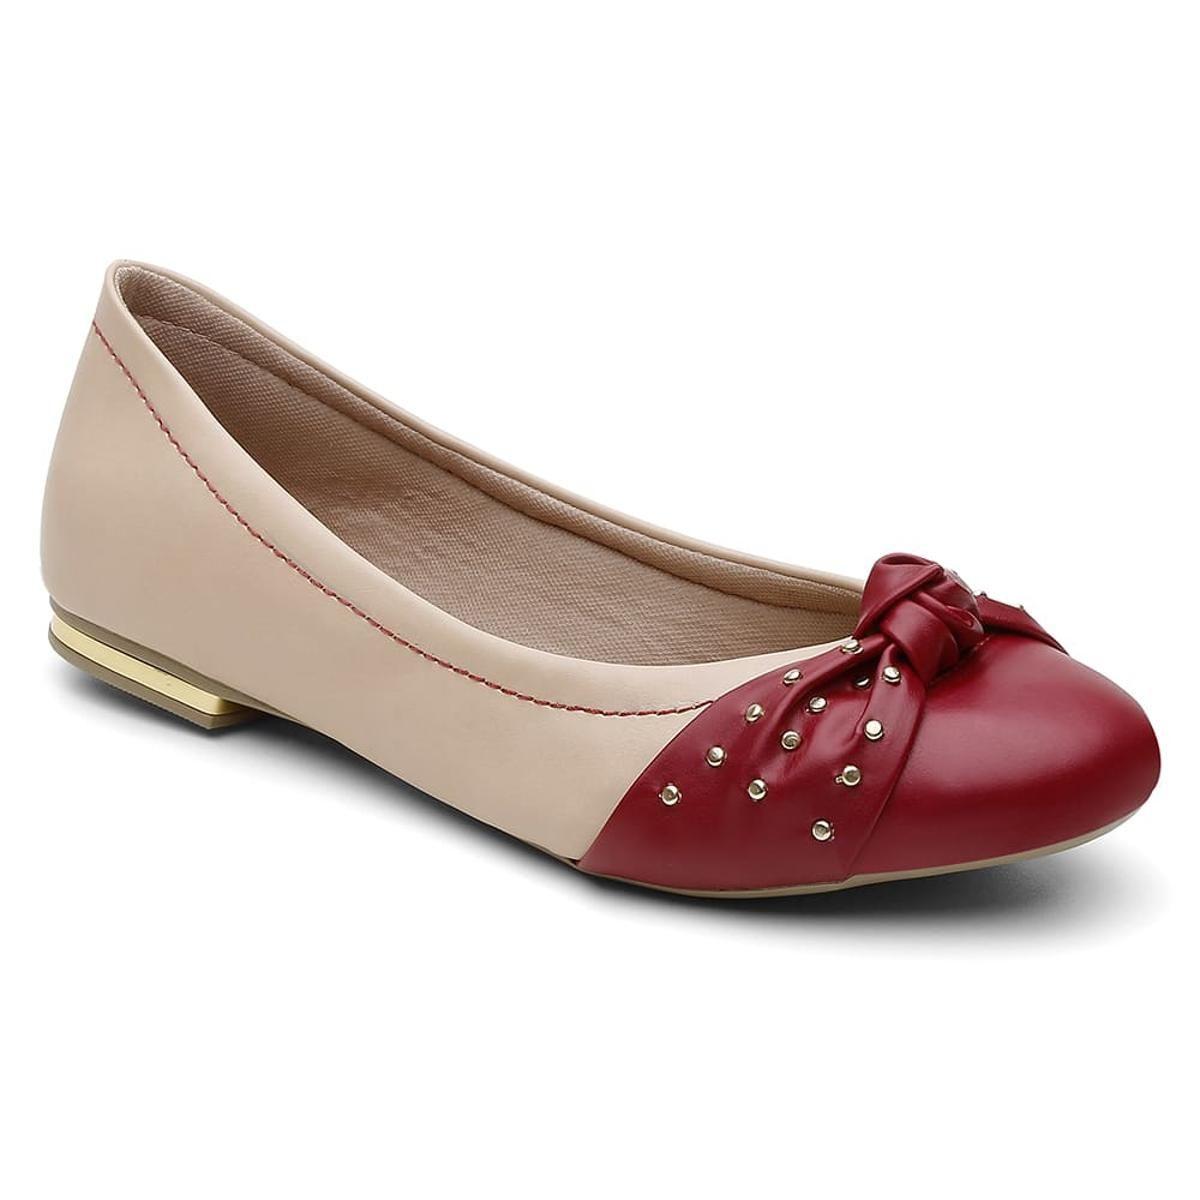 e08febf56 Uma sapatilha 👡🛍 mais bonita que a outra e Belos presentes de natal❗❗  Não🏃 ♂ perca mais tempo acesse agora e reserva já o seu ❗ .